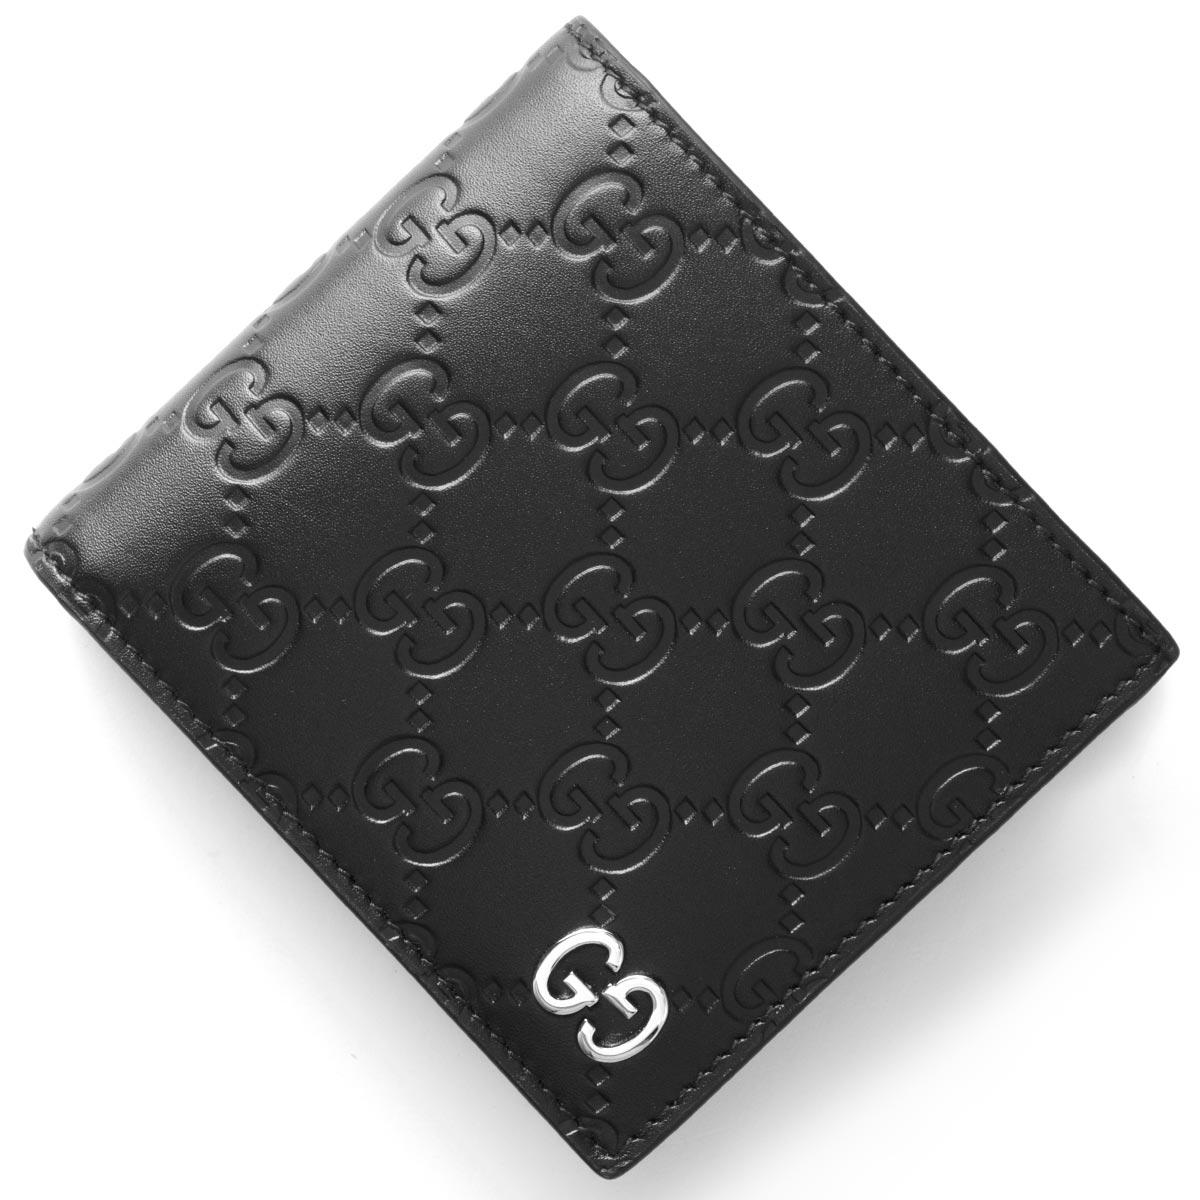 premium selection e9086 52271 グッチ 二つ折り財布 財布 メンズ ドリアン GGシグネチャー DORIAN GG SIGNATURE ブラック 473922 CWC1N 1000  GUCCI